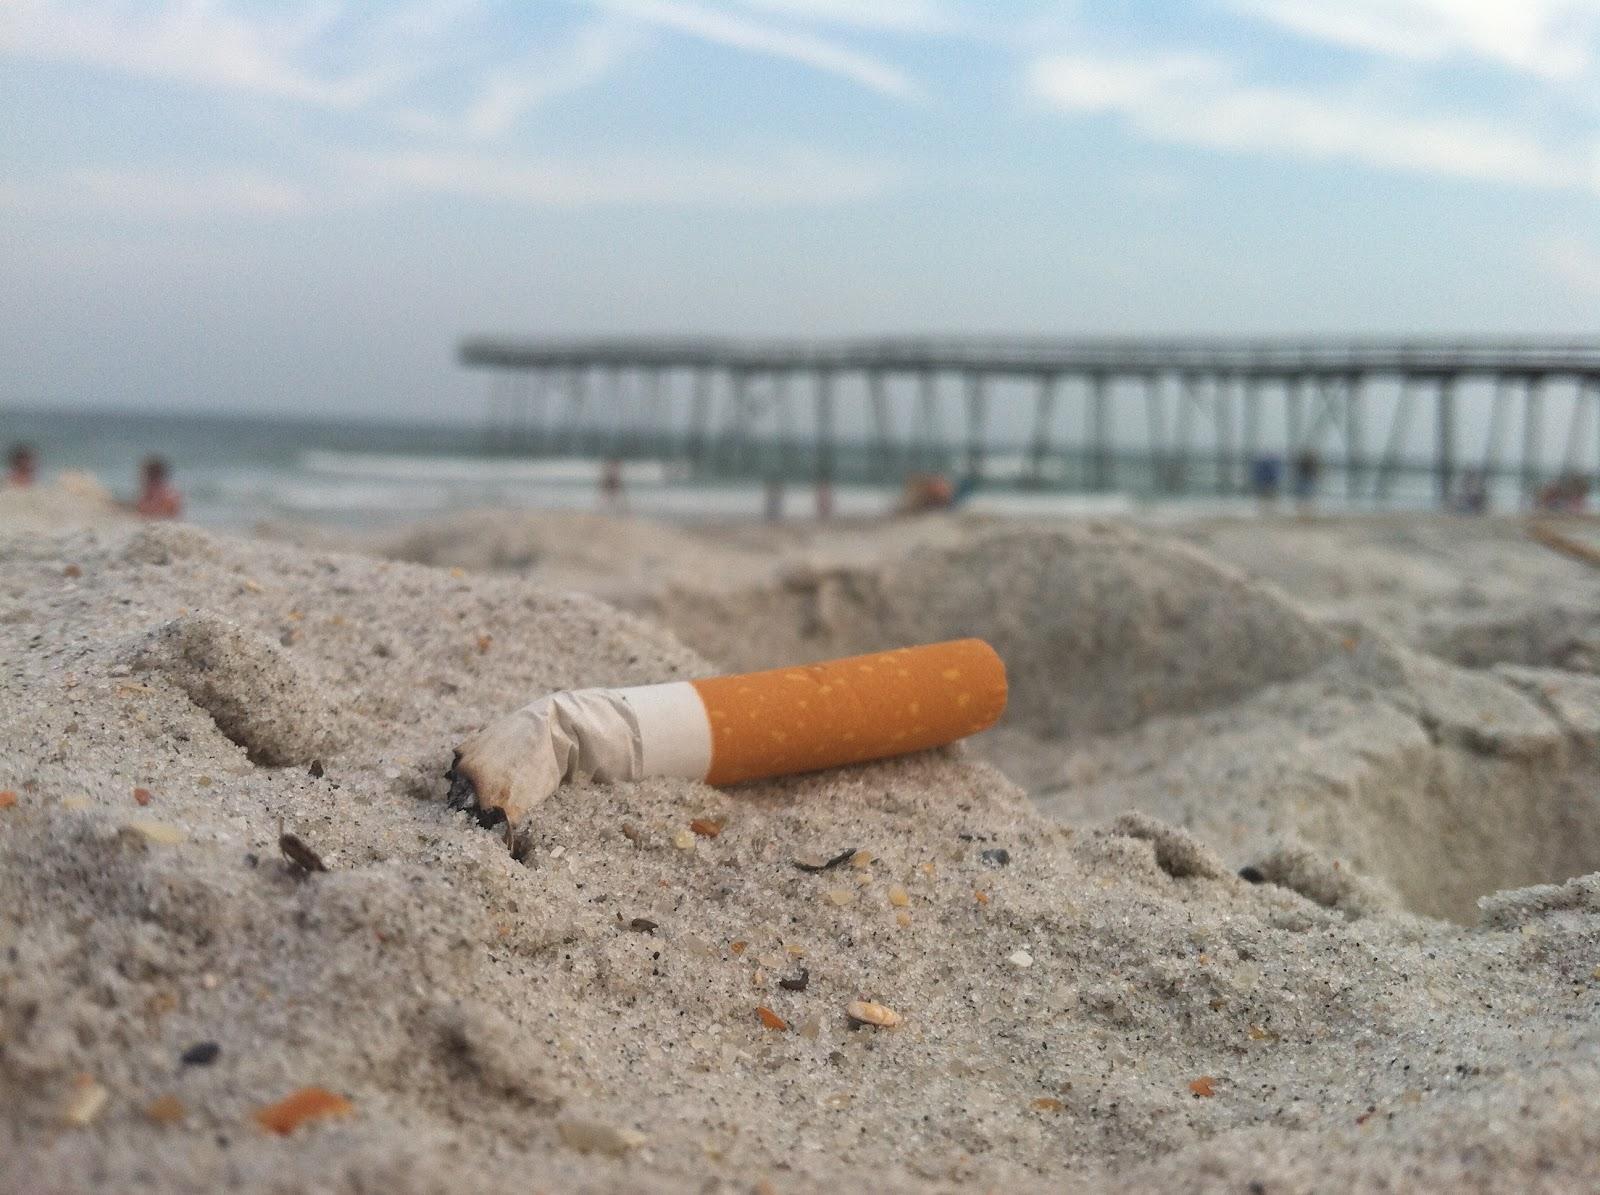 Cigarette on the beach